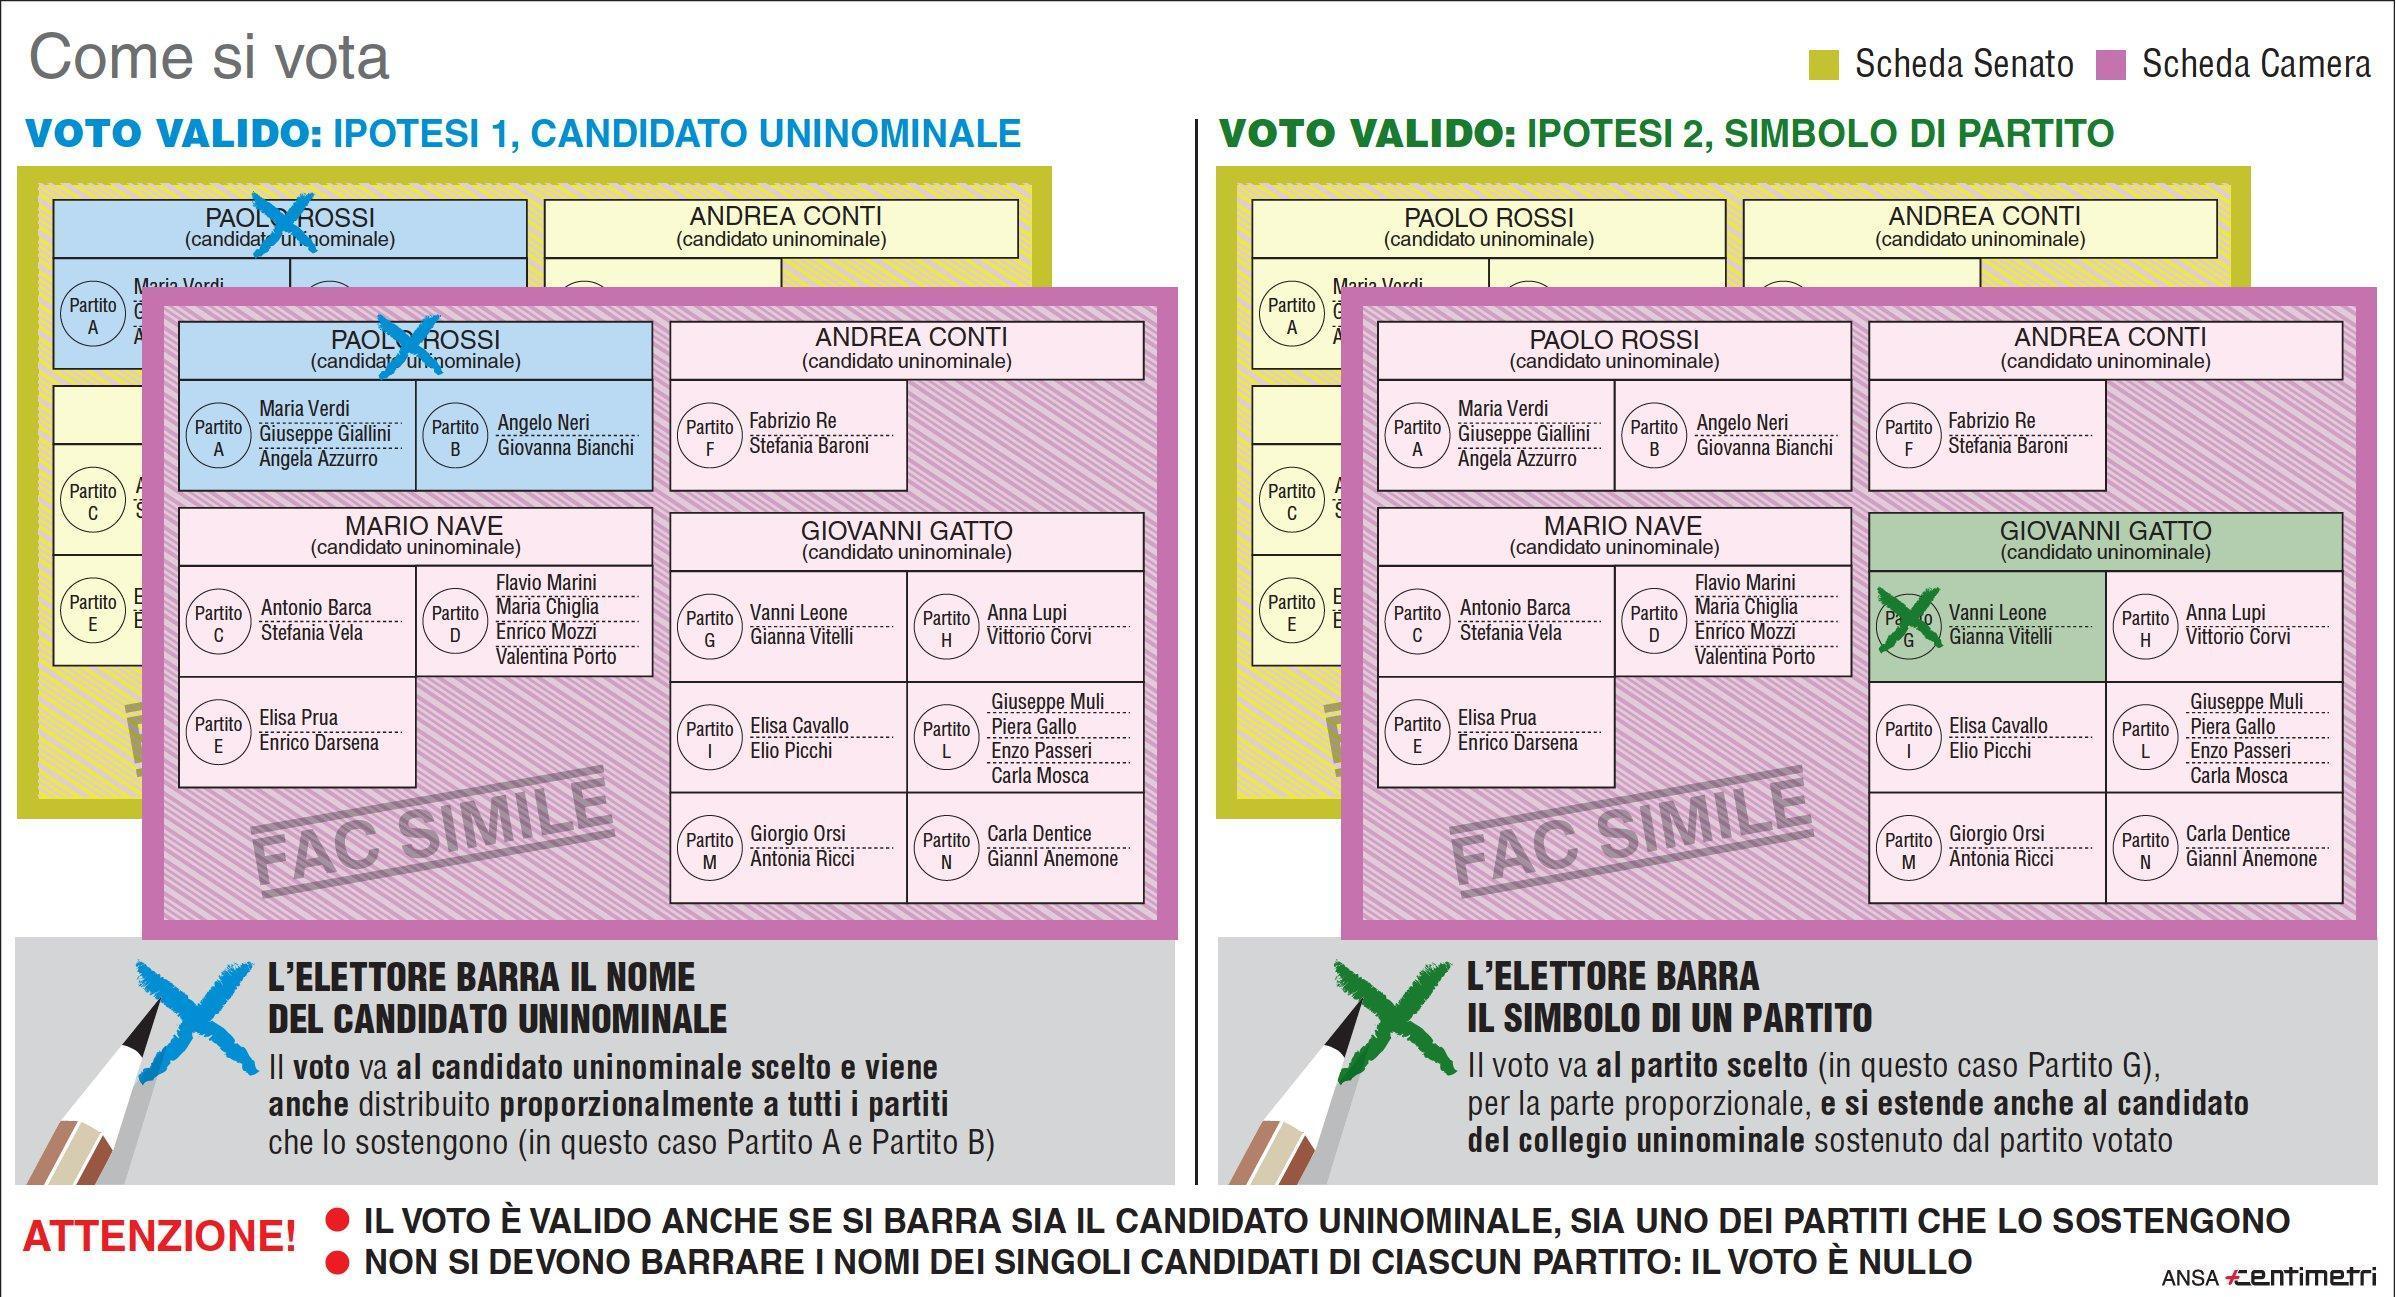 Collegio elettorale: definizione, funzionamento, differenze tra uninominale e plurinominale con metodo maggioritario e proporzionale